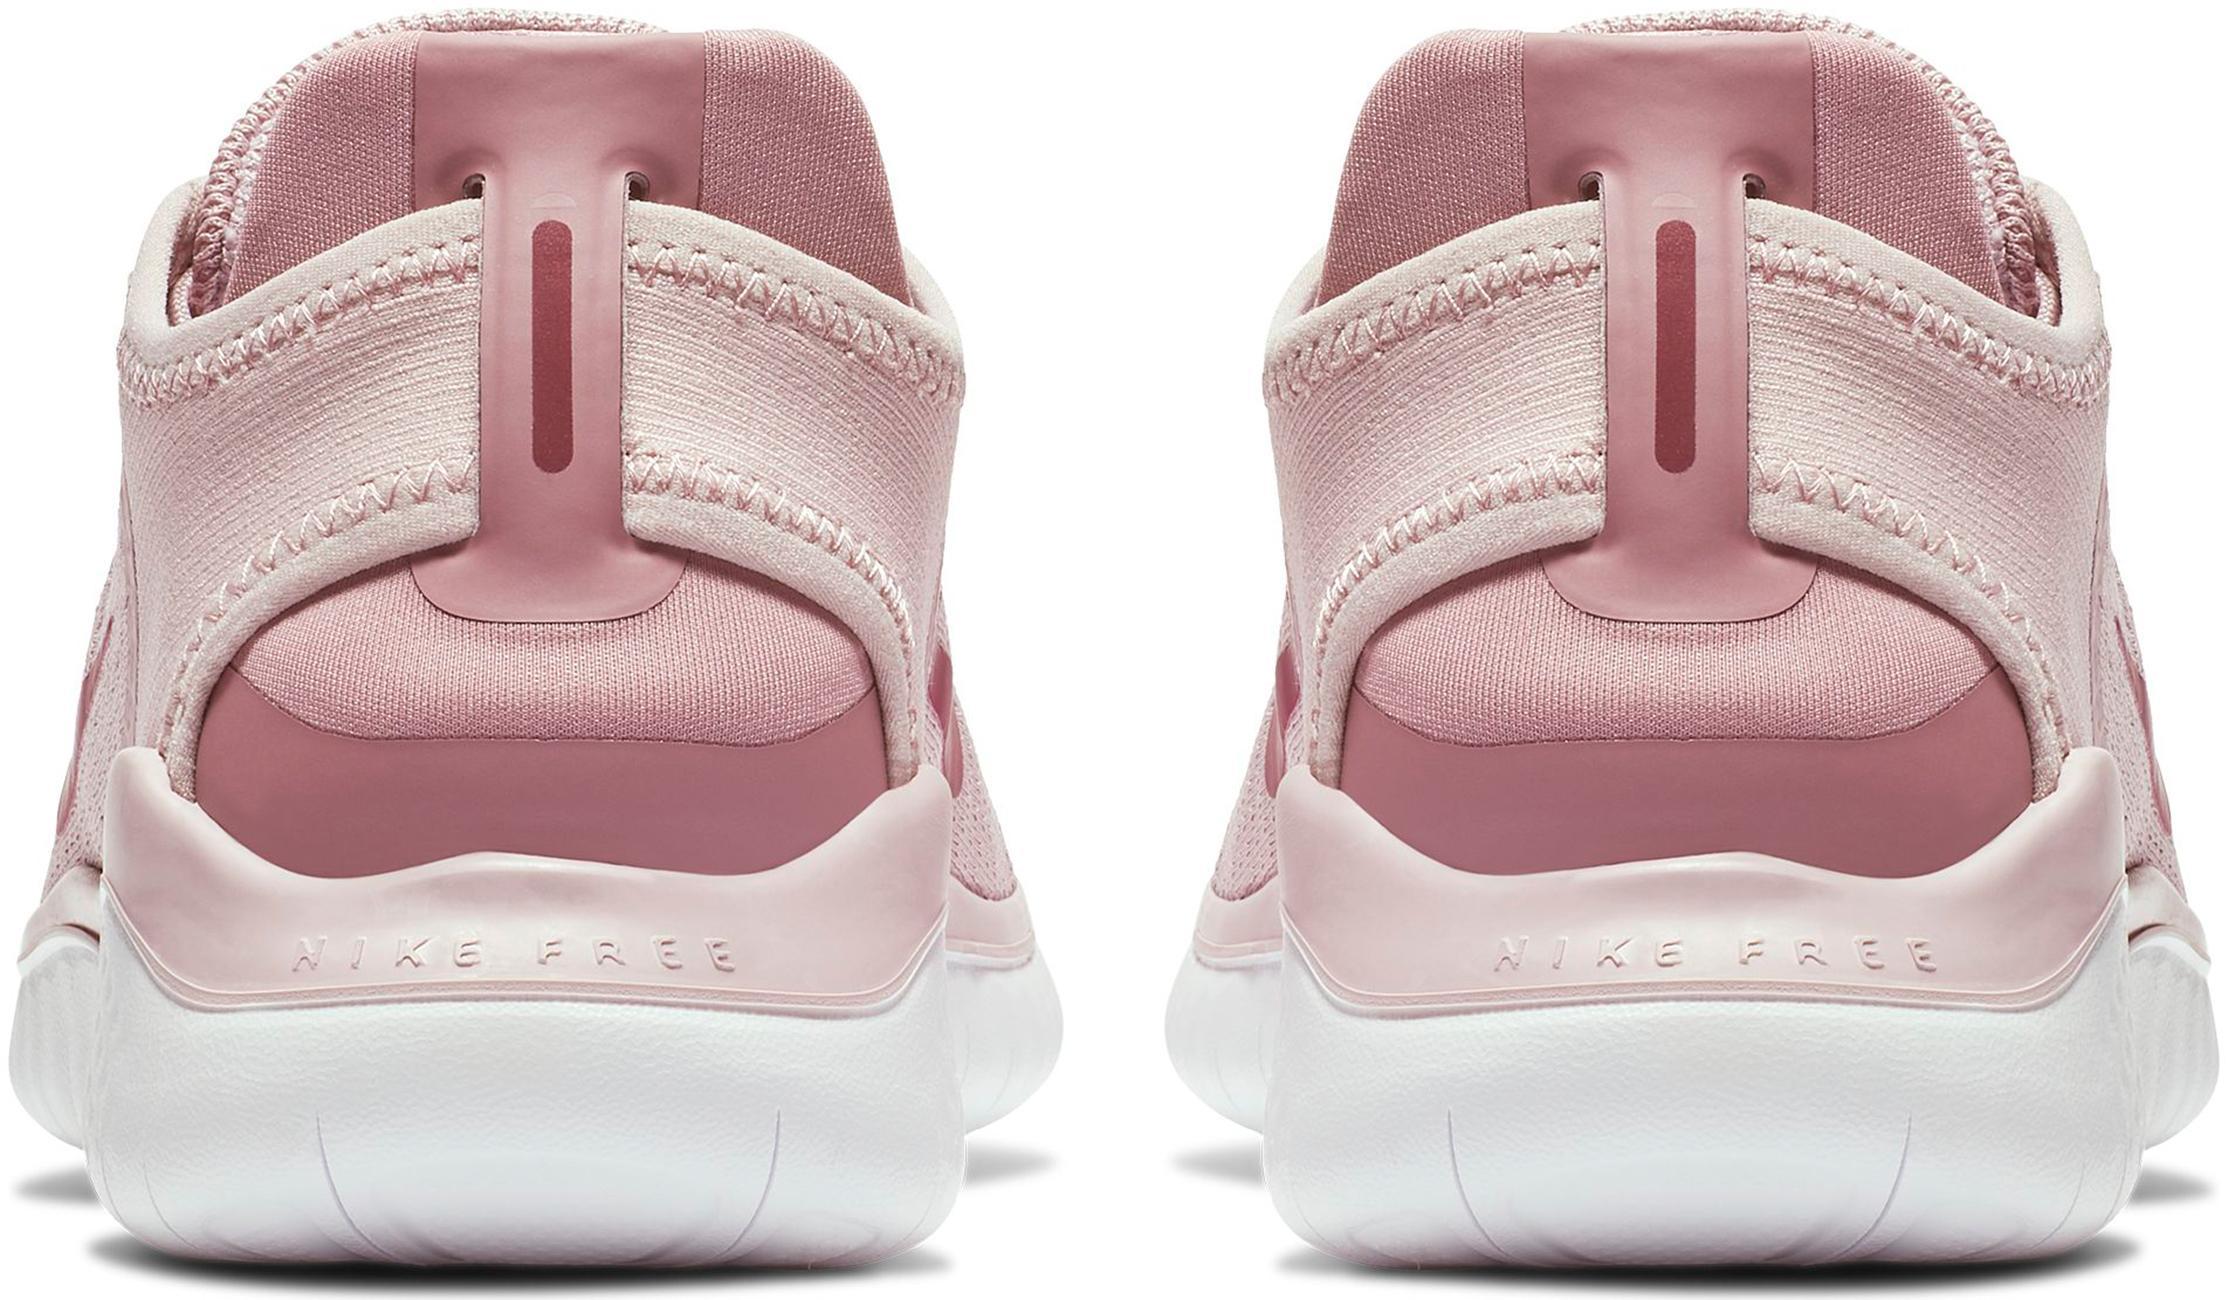 Nike Free RN 2018 Laufschuhe Damen plum chalk-true berry-plum dust im  Online Shop von SportScheck kaufen